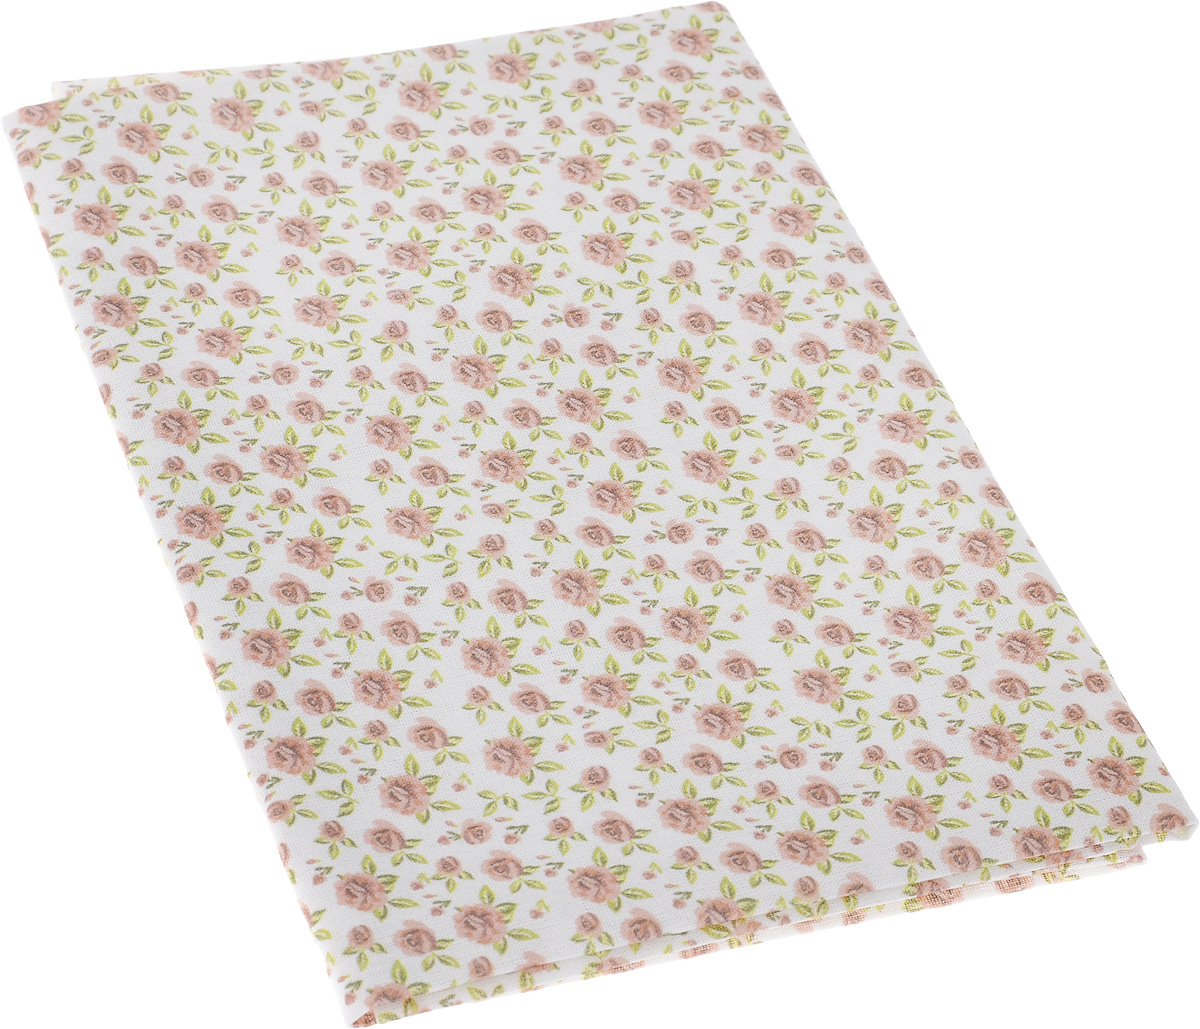 Ткань для пэчворка Артмикс Винтажные розы, цвет: белый, розовый, 48 x 50 смSS 4041Ткань Артмикс Винтажные розы, изготовленная из 100% хлопка, предназначена для пошива одеял, покрывал, сумок, аппликаций и прочих изделий в технике пэчворк. Также подходит для пошива кукол, аксессуаров и одежды.Пэчворк - это вид рукоделия, при котором по принципу мозаики сшивается цельное изделие из кусочков ткани (лоскутков). Плотность ткани: 120 г/м2.УВАЖАЕМЫЕ КЛИЕНТЫ!Обращаем ваше внимание, на тот факт, что размер отреза может отличаться на 1-2 см.